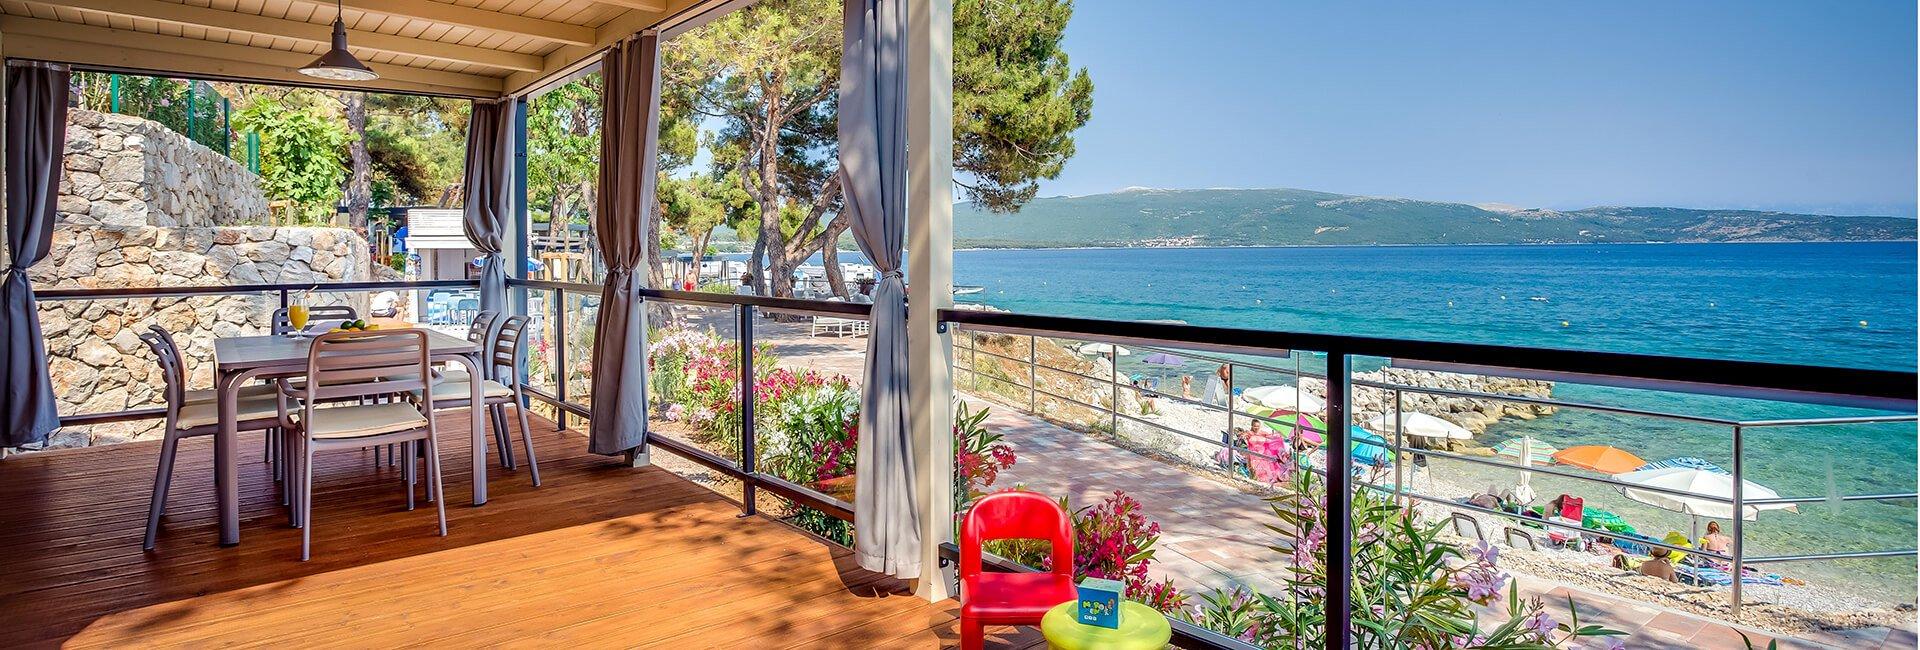 Ježevac Premium Camping Resort